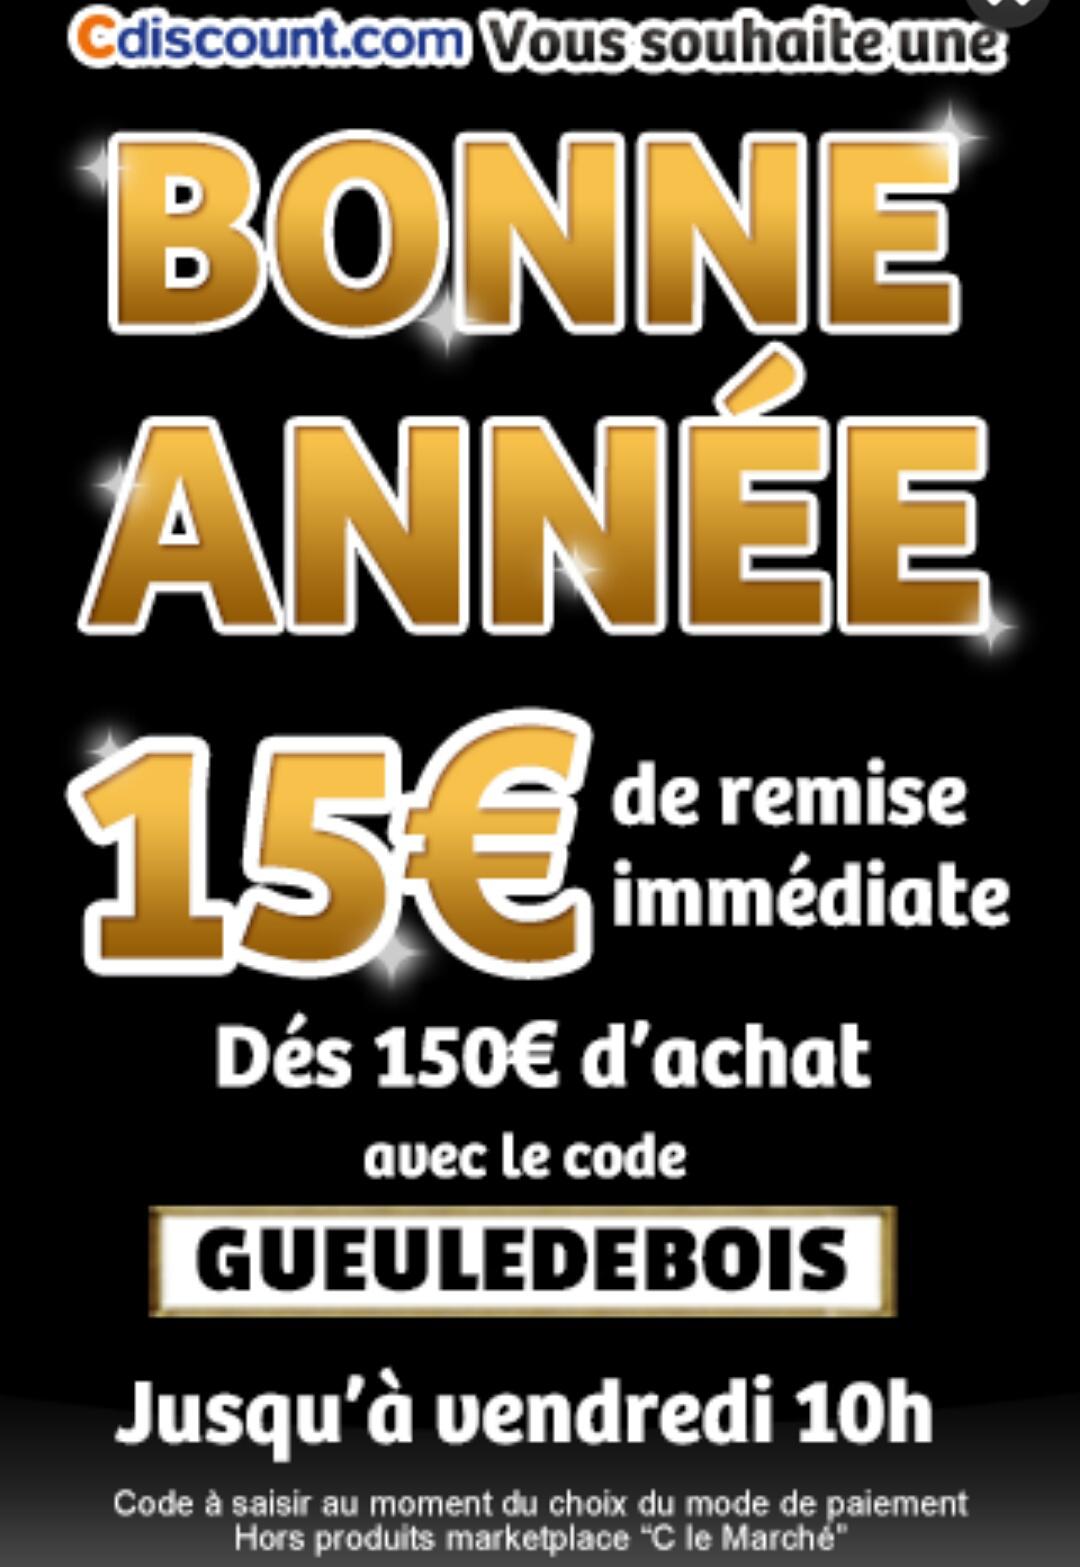 15€ de réduction dès 150€ d'achat sur tout le site